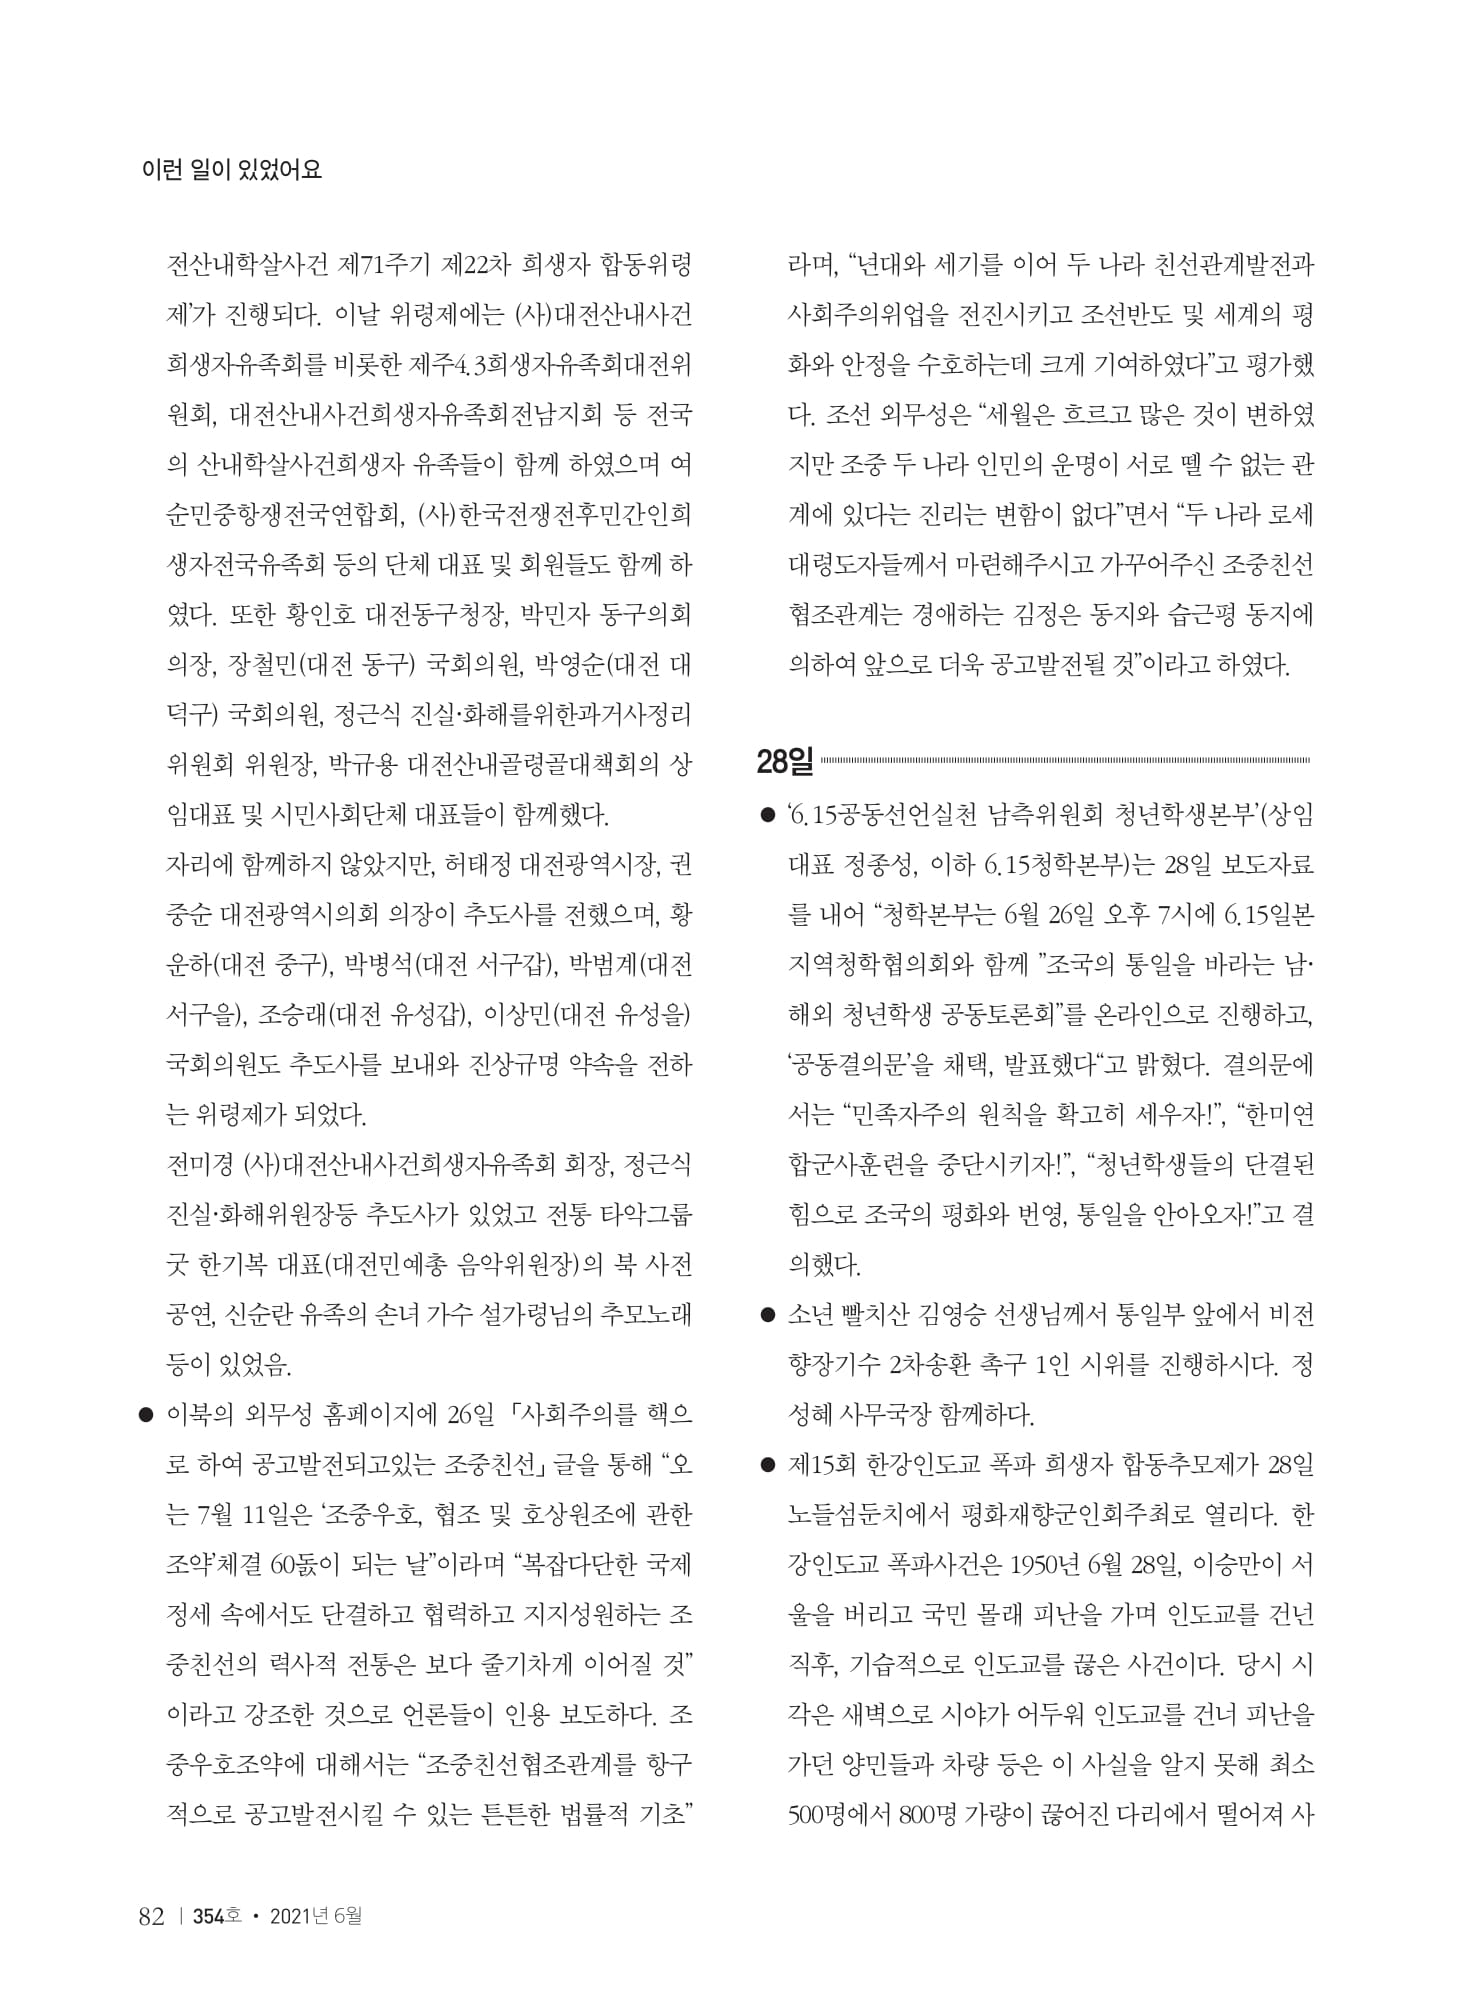 [양심수후원회] 소식지 354호 web 수정-84.jpg